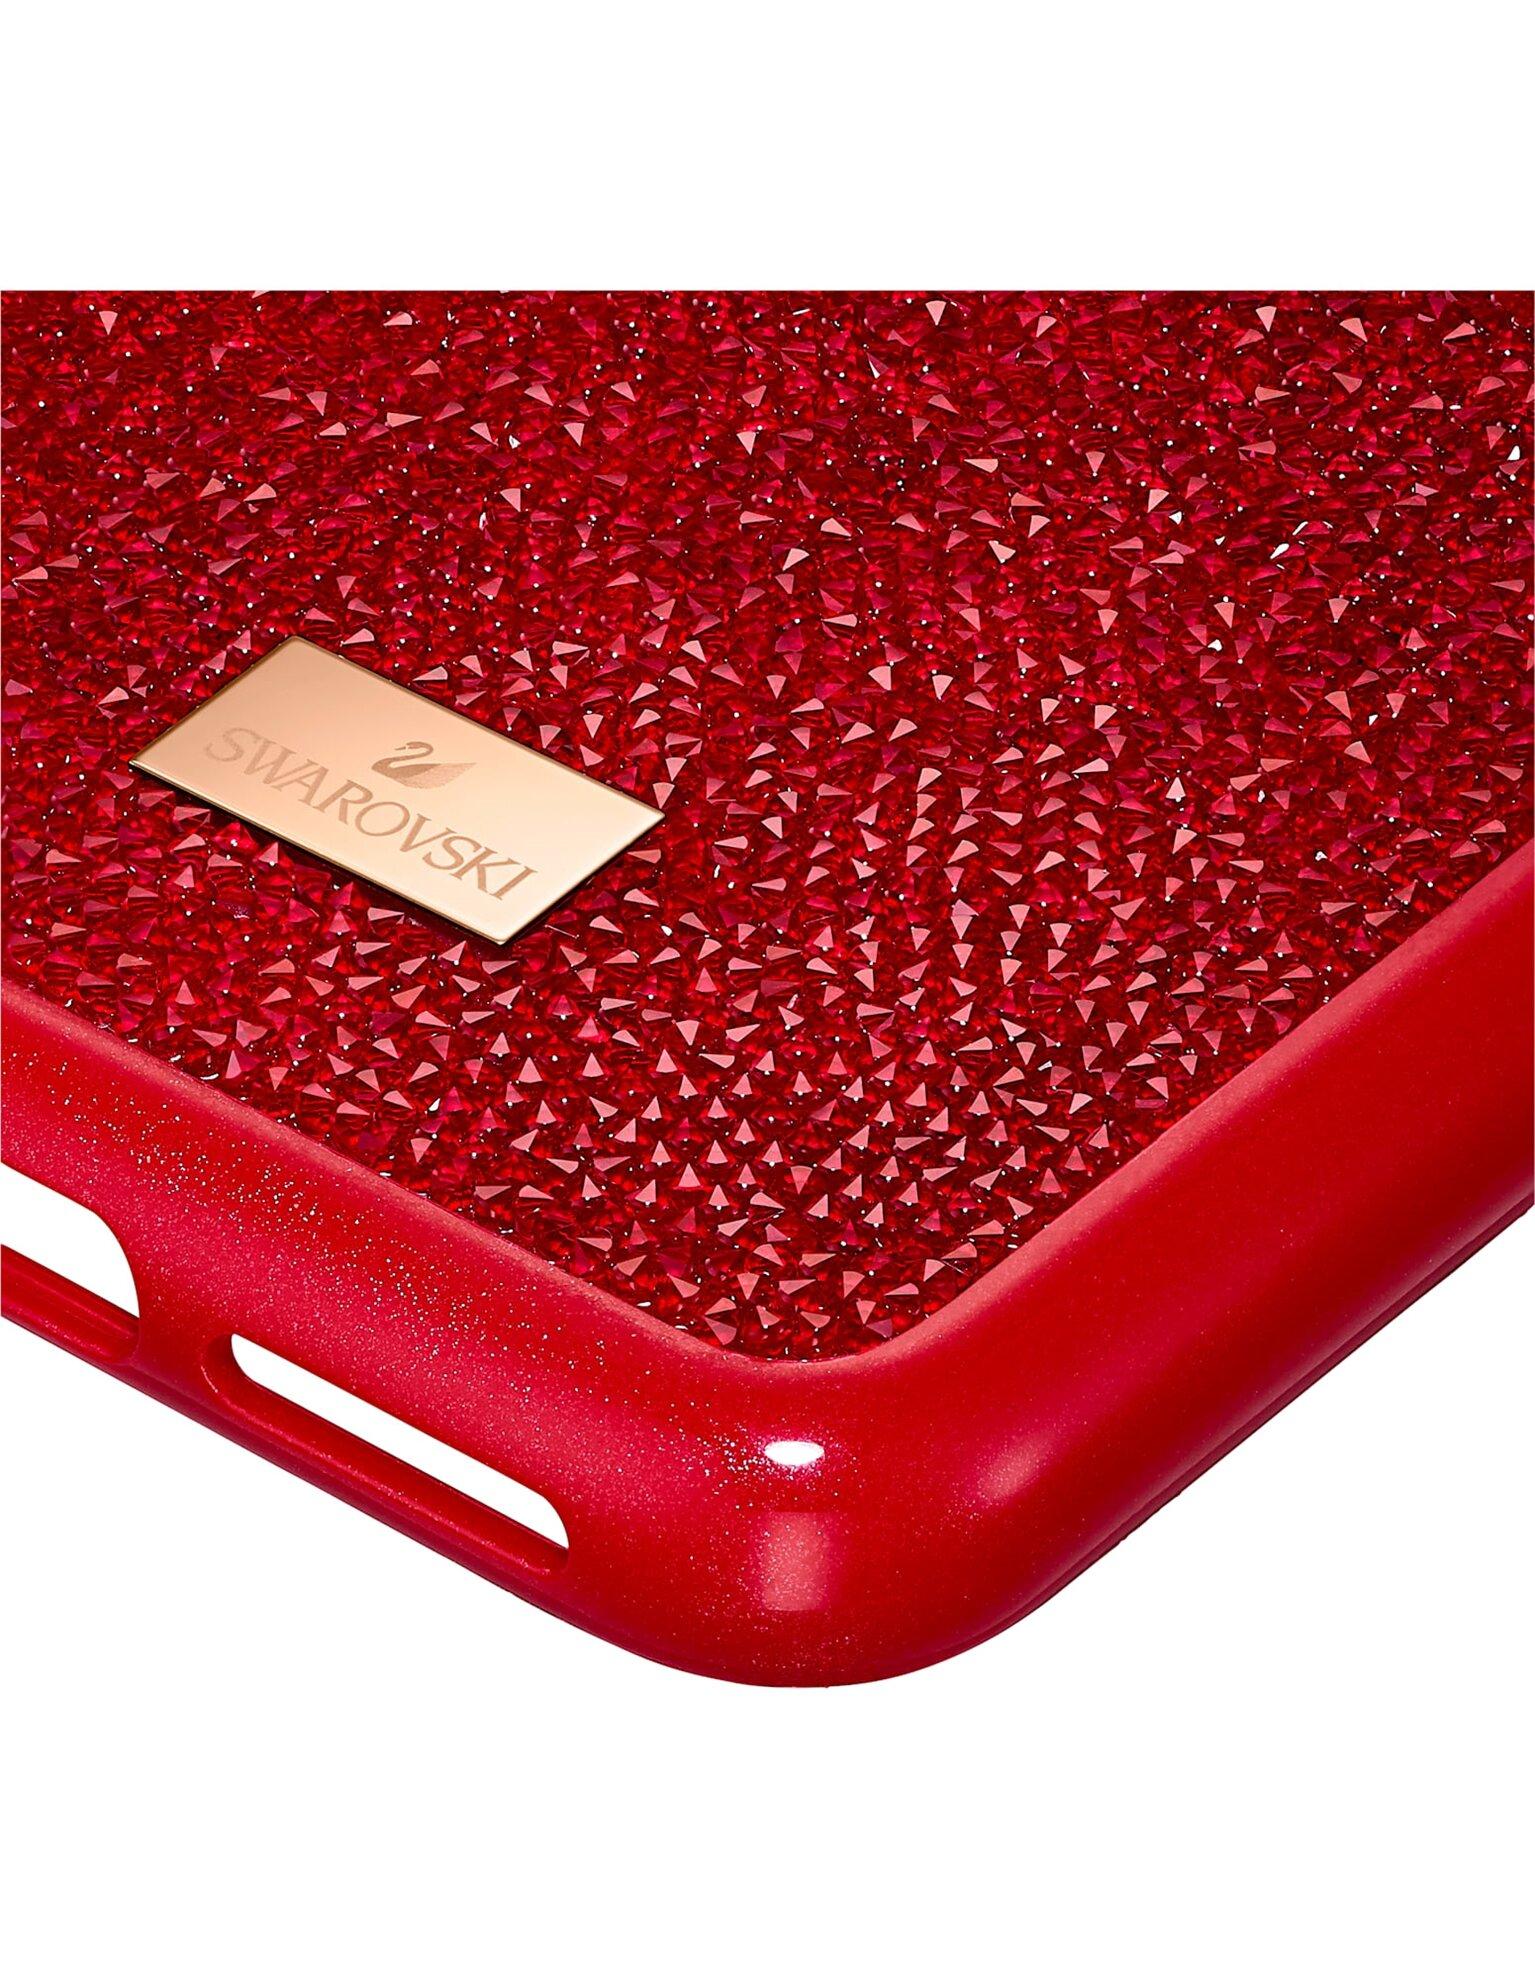 Picture of Glam Rock Akıllı Telefon Kılıfı, iPhone® 11 Pro Max, Kırmızı